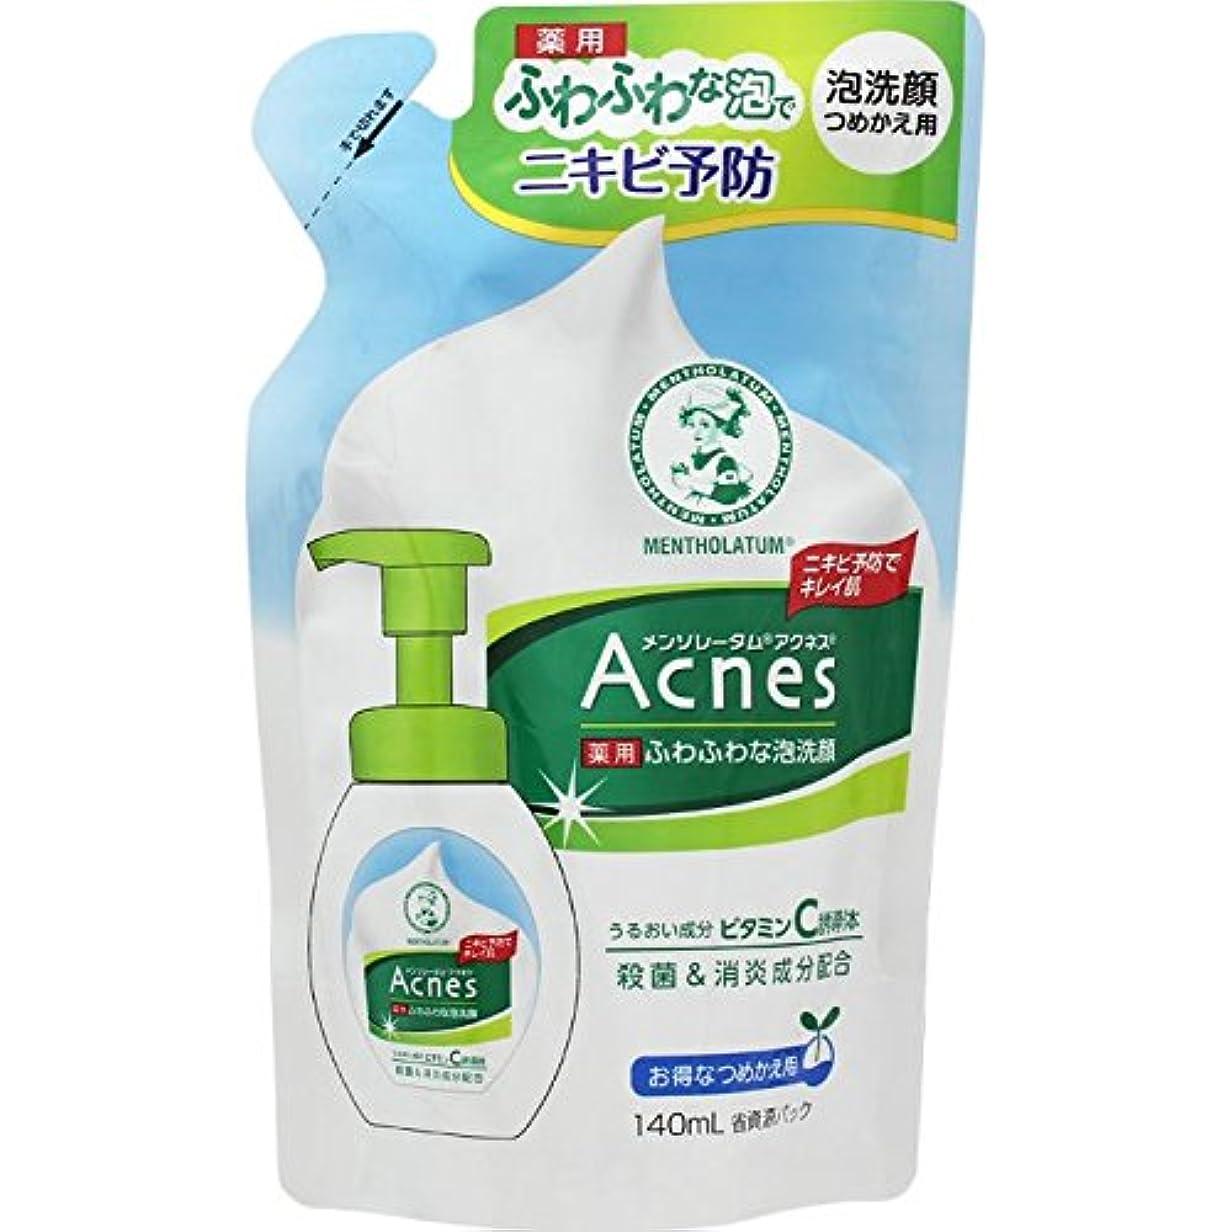 【医薬部外品】メンソレータム アクネス ニキビ予防薬用ふわふわ泡洗顔 詰替用 140mL